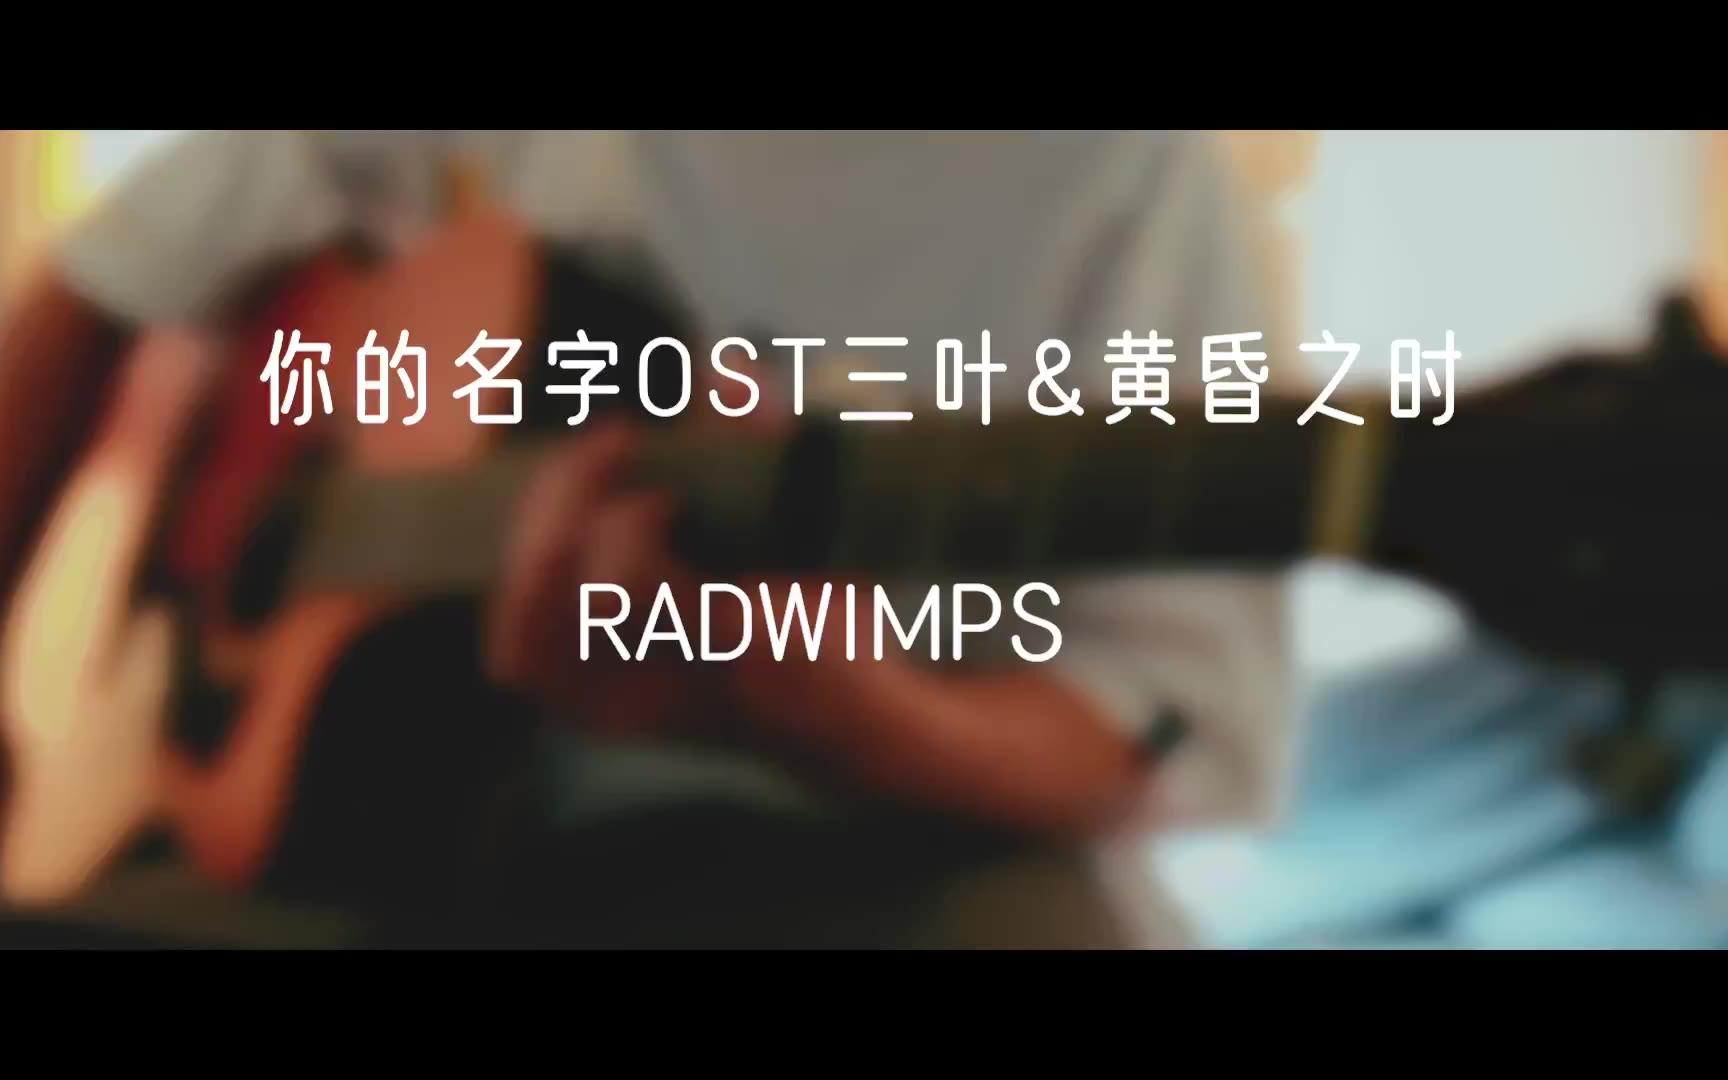 【指弹吉他】你的名字OST - Radwimps 《三叶&黄昏之时》